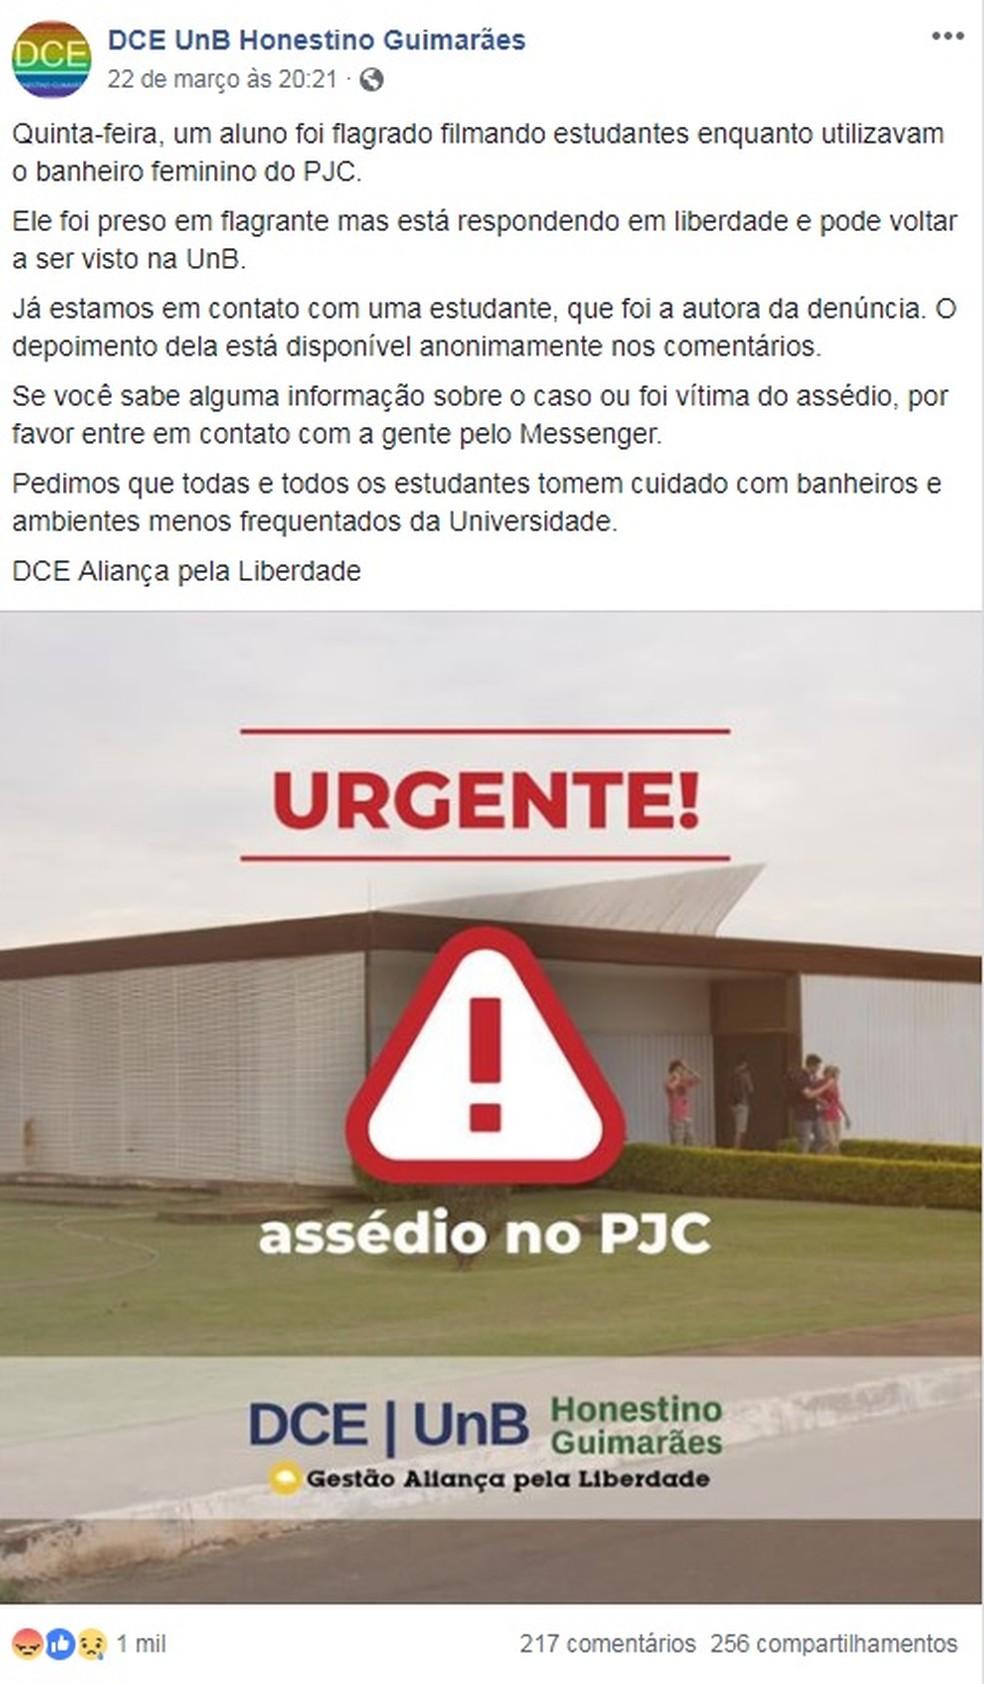 DCE publicou no Facebook alerta sobre prisão do aluno que filmou universitárias usando banheiro — Foto: Facebook/Reprodução